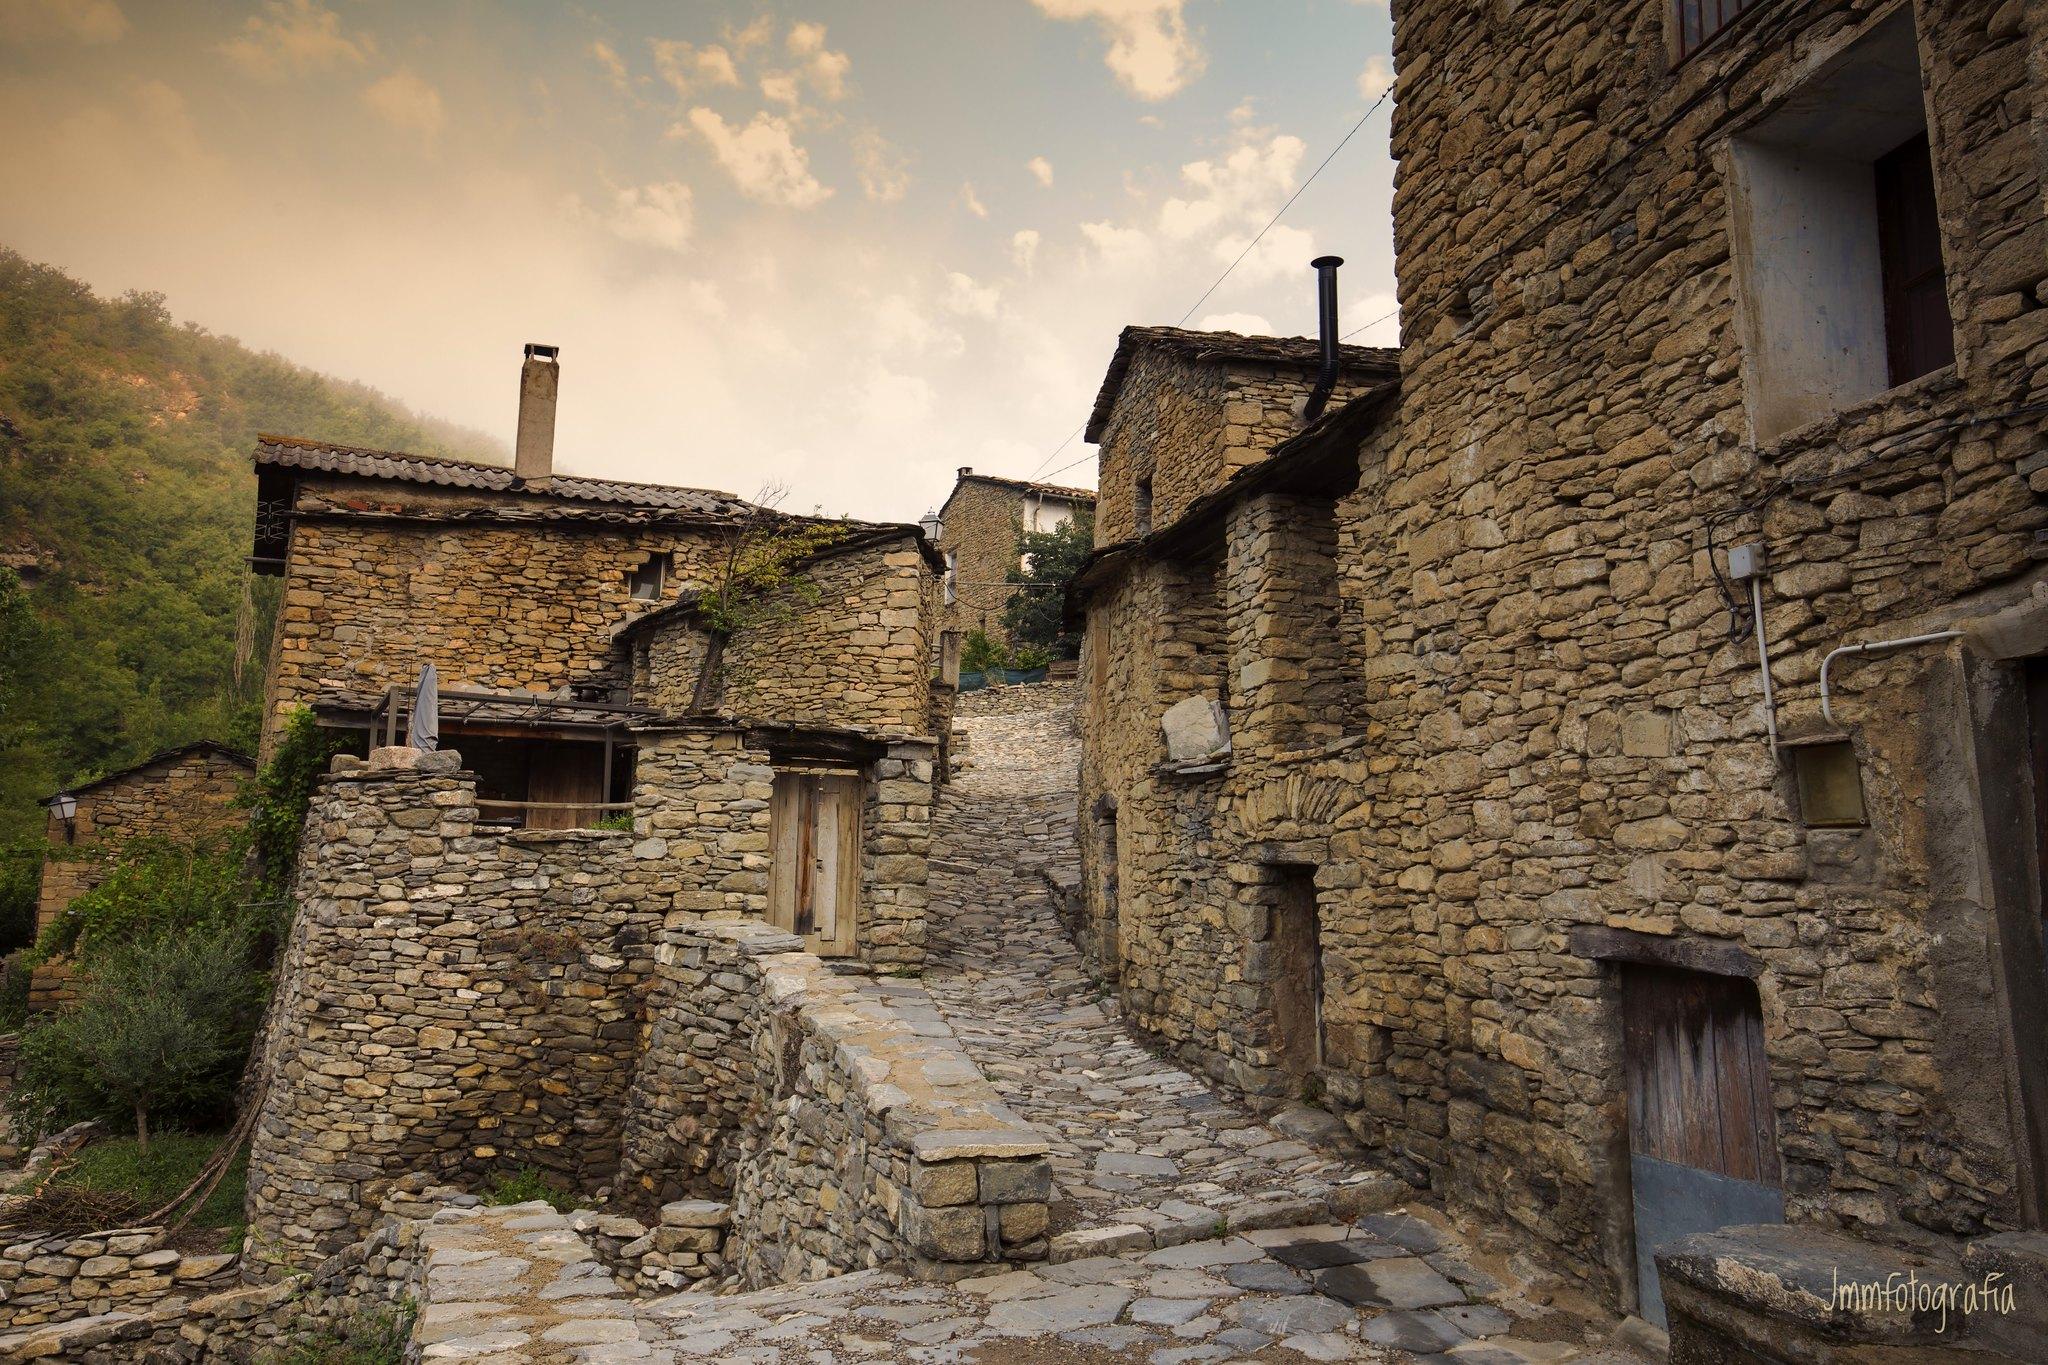 Ruta por los pueblos y castillos medievales mejor conservados del histórico Condado de La Ribagorza 👑